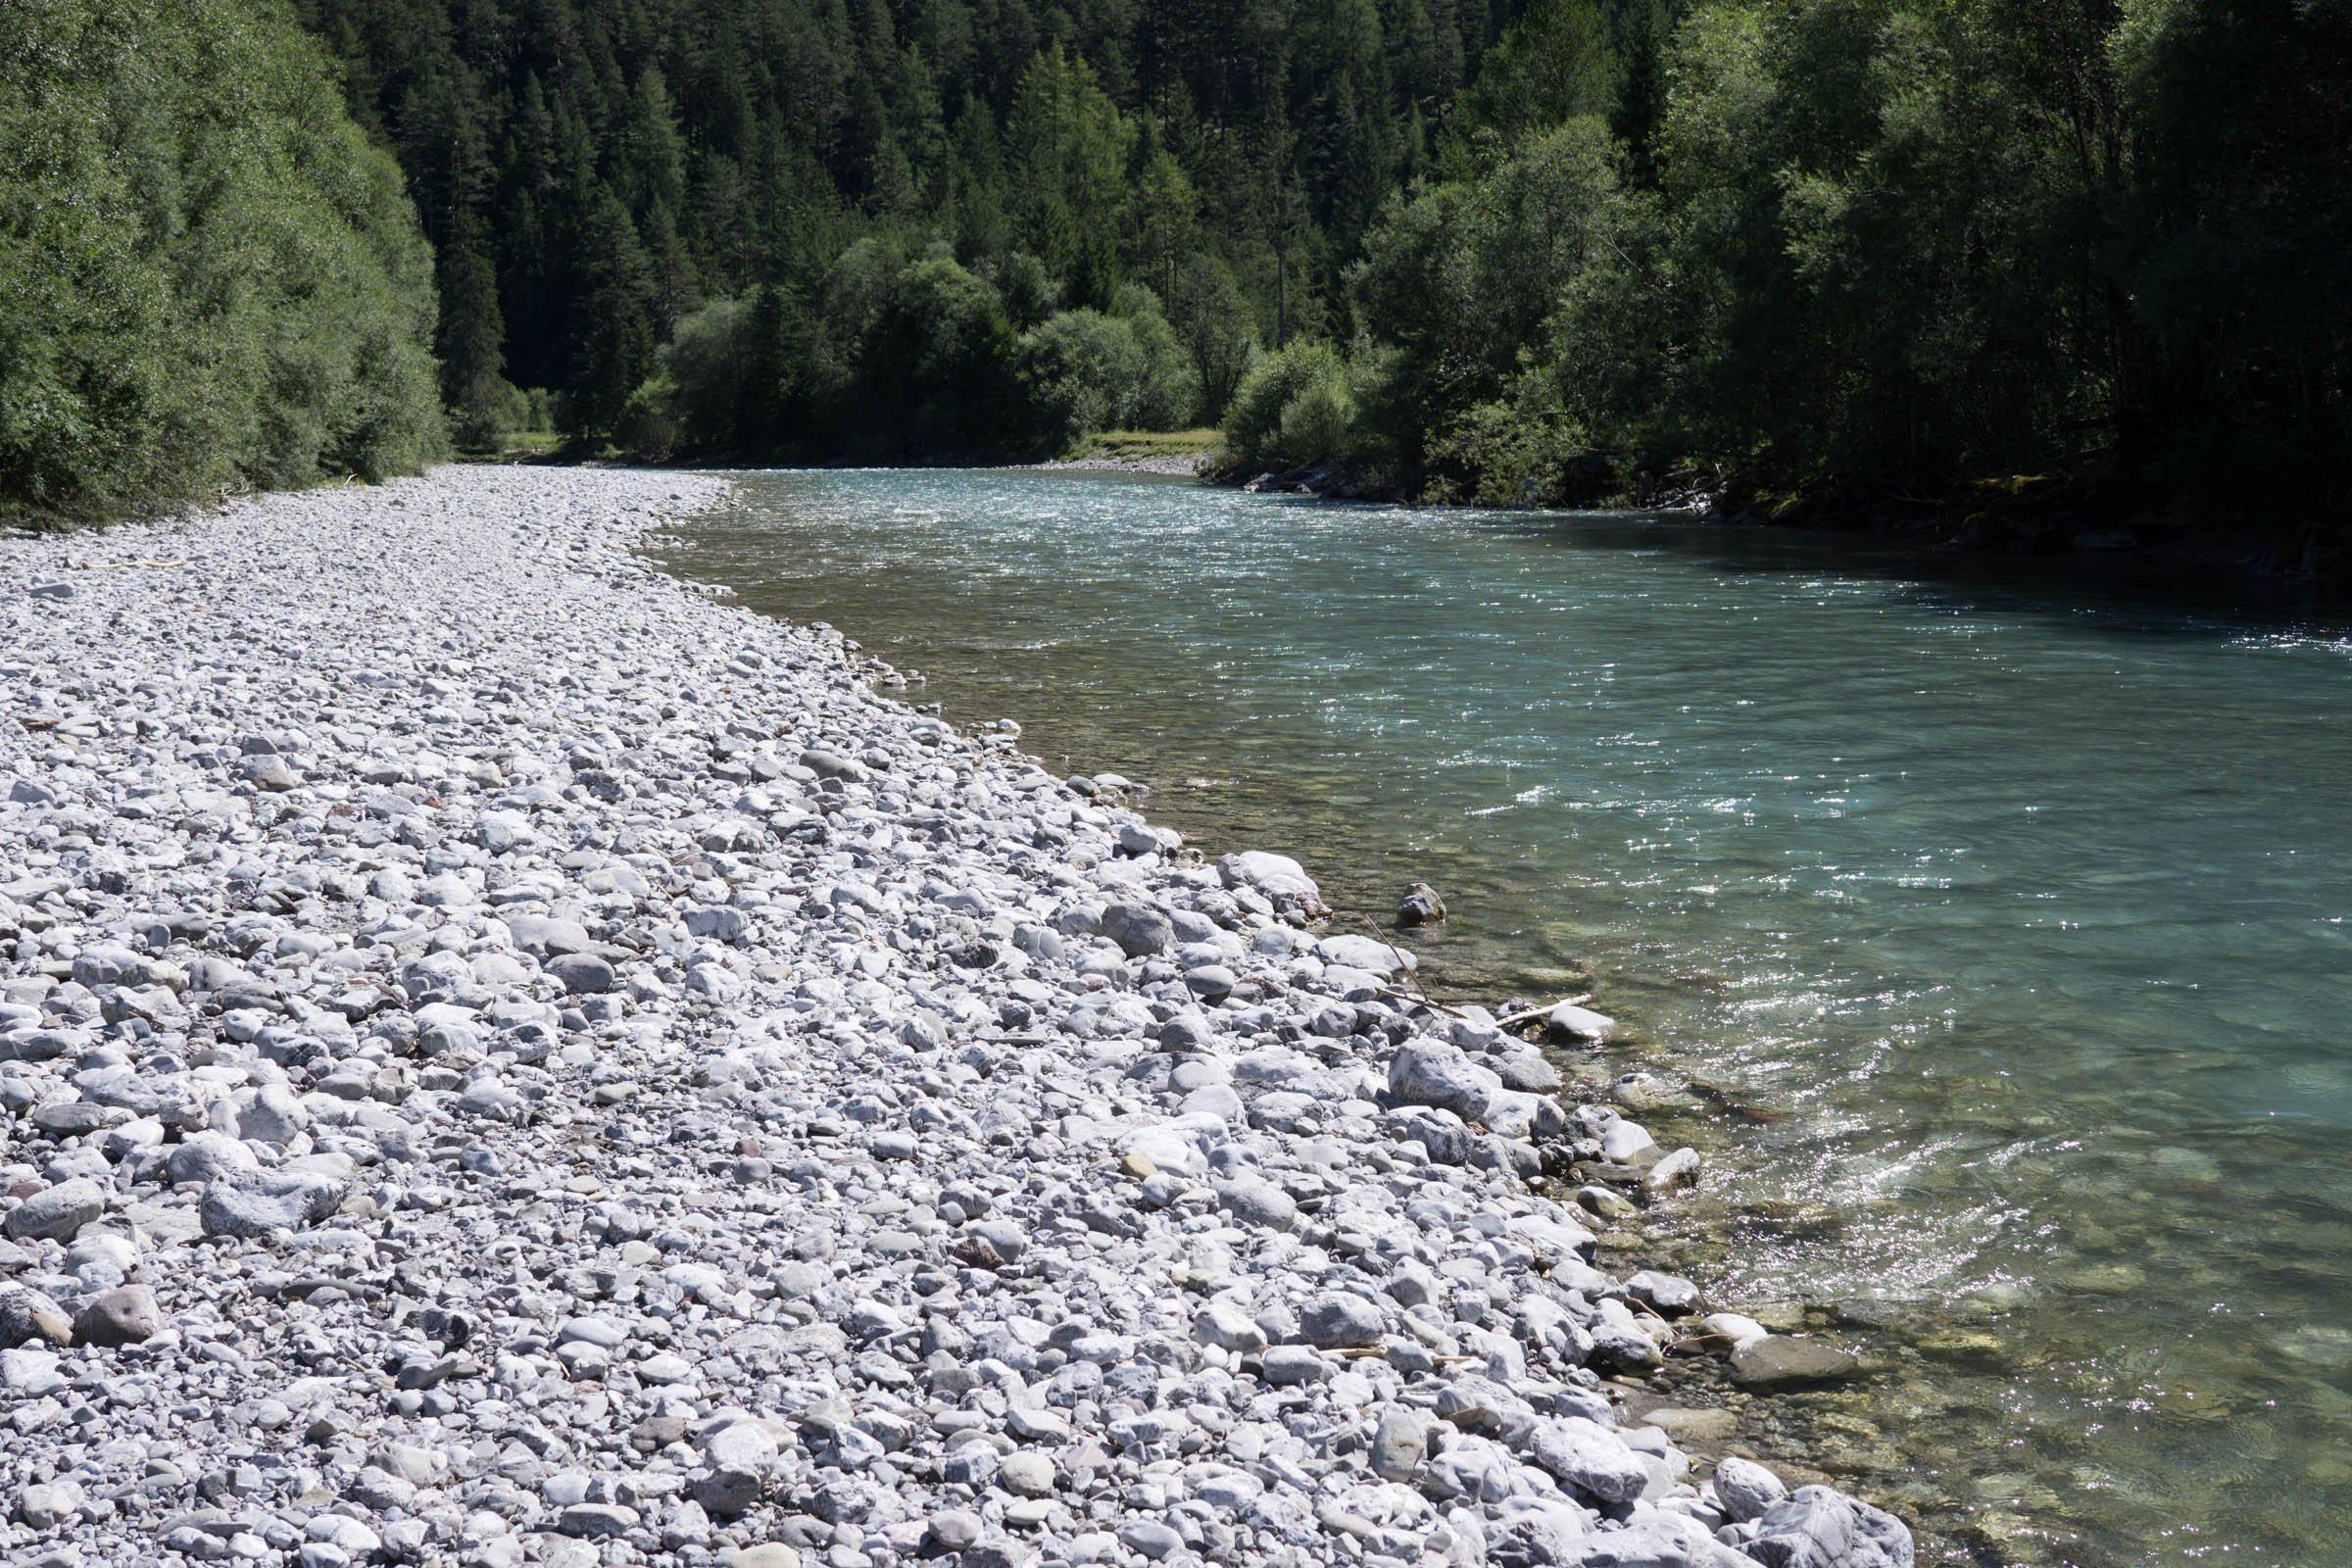 Ein türkisblauer Gebirgsbach fließt zwischen Bäumen, links erstreckt sich eine weiße Schotterbank, im Hintergrund sieht man einen Berg.